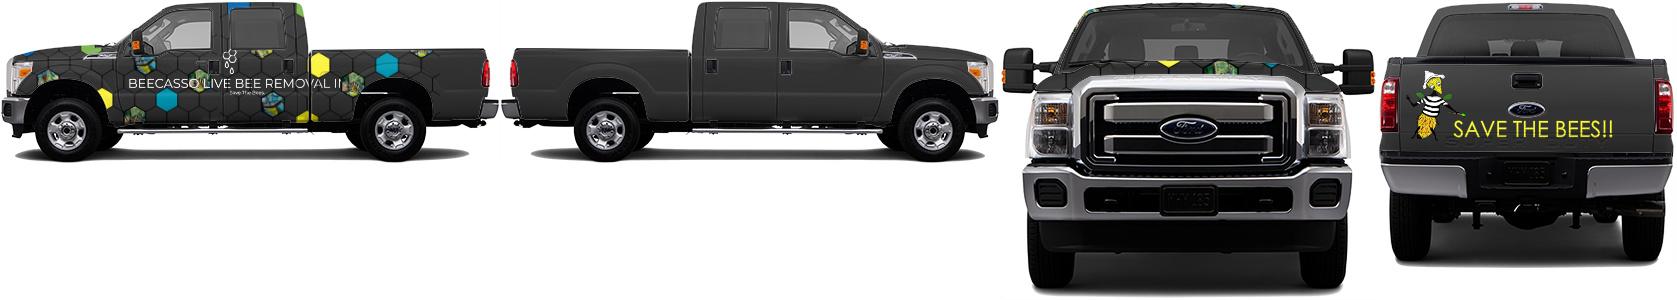 Truck Wrap #53279